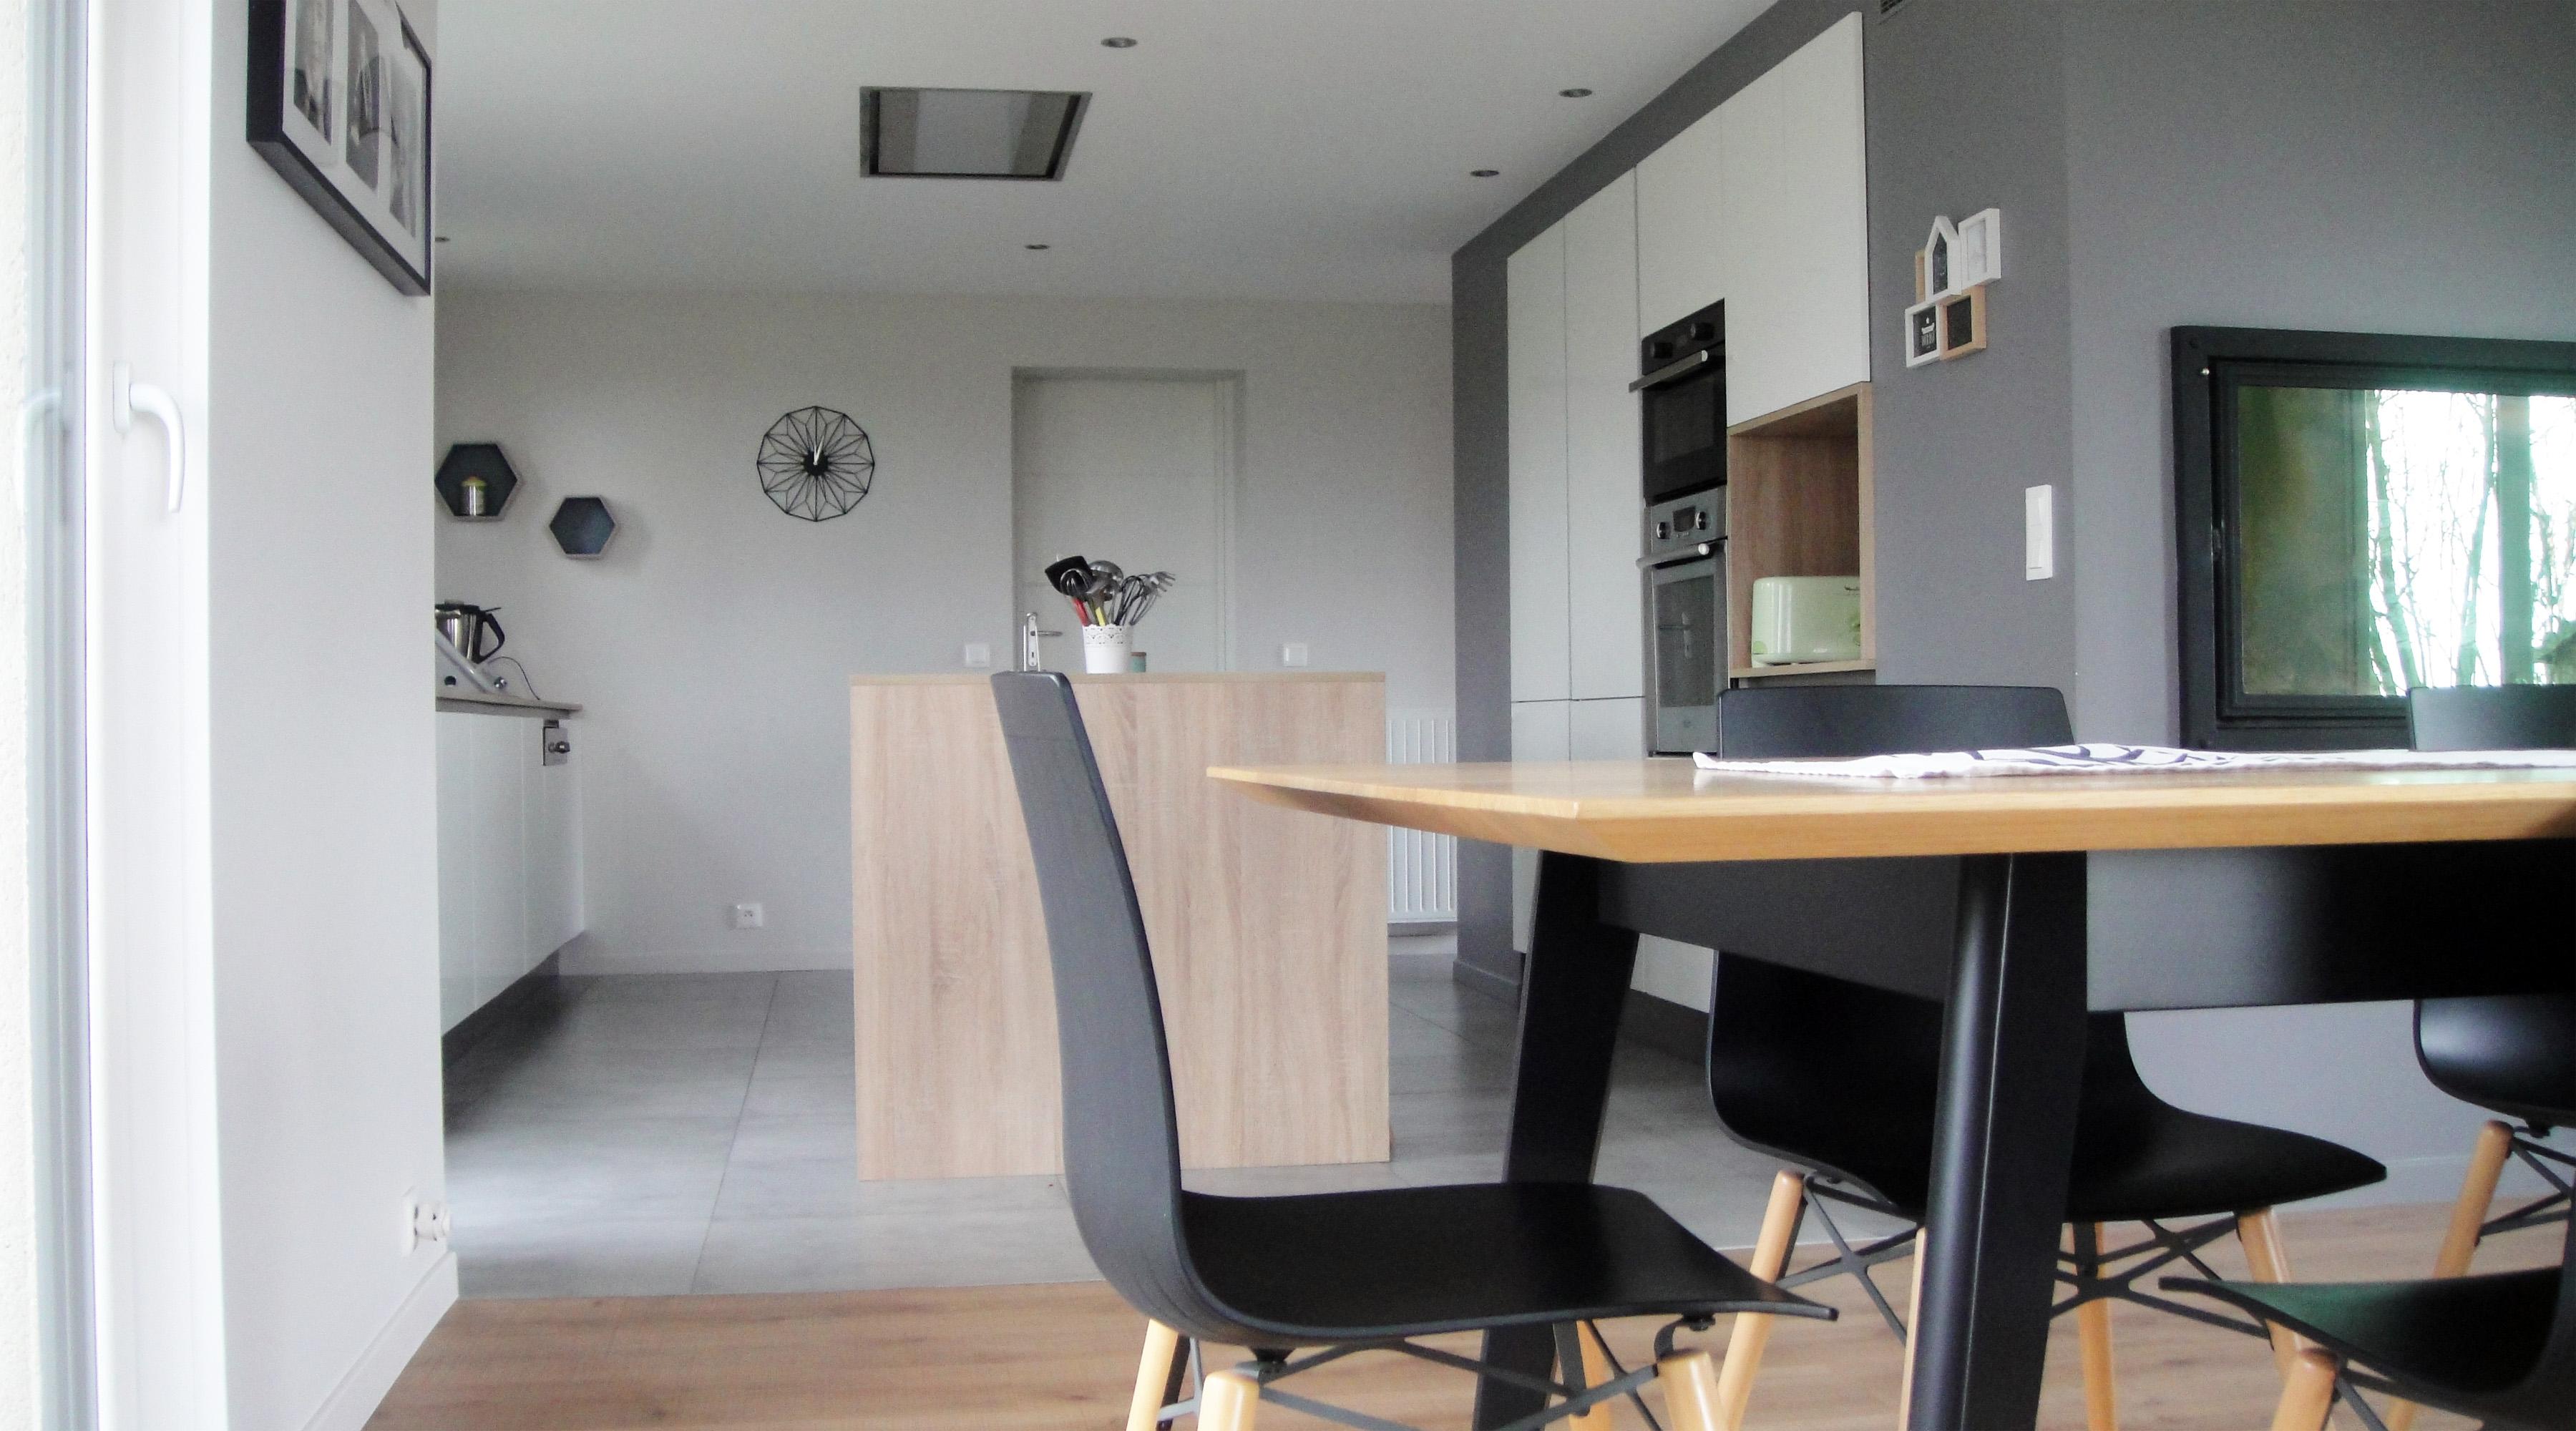 projet s s 1 2 vue architecte lise roturier rennes 35000. Black Bedroom Furniture Sets. Home Design Ideas